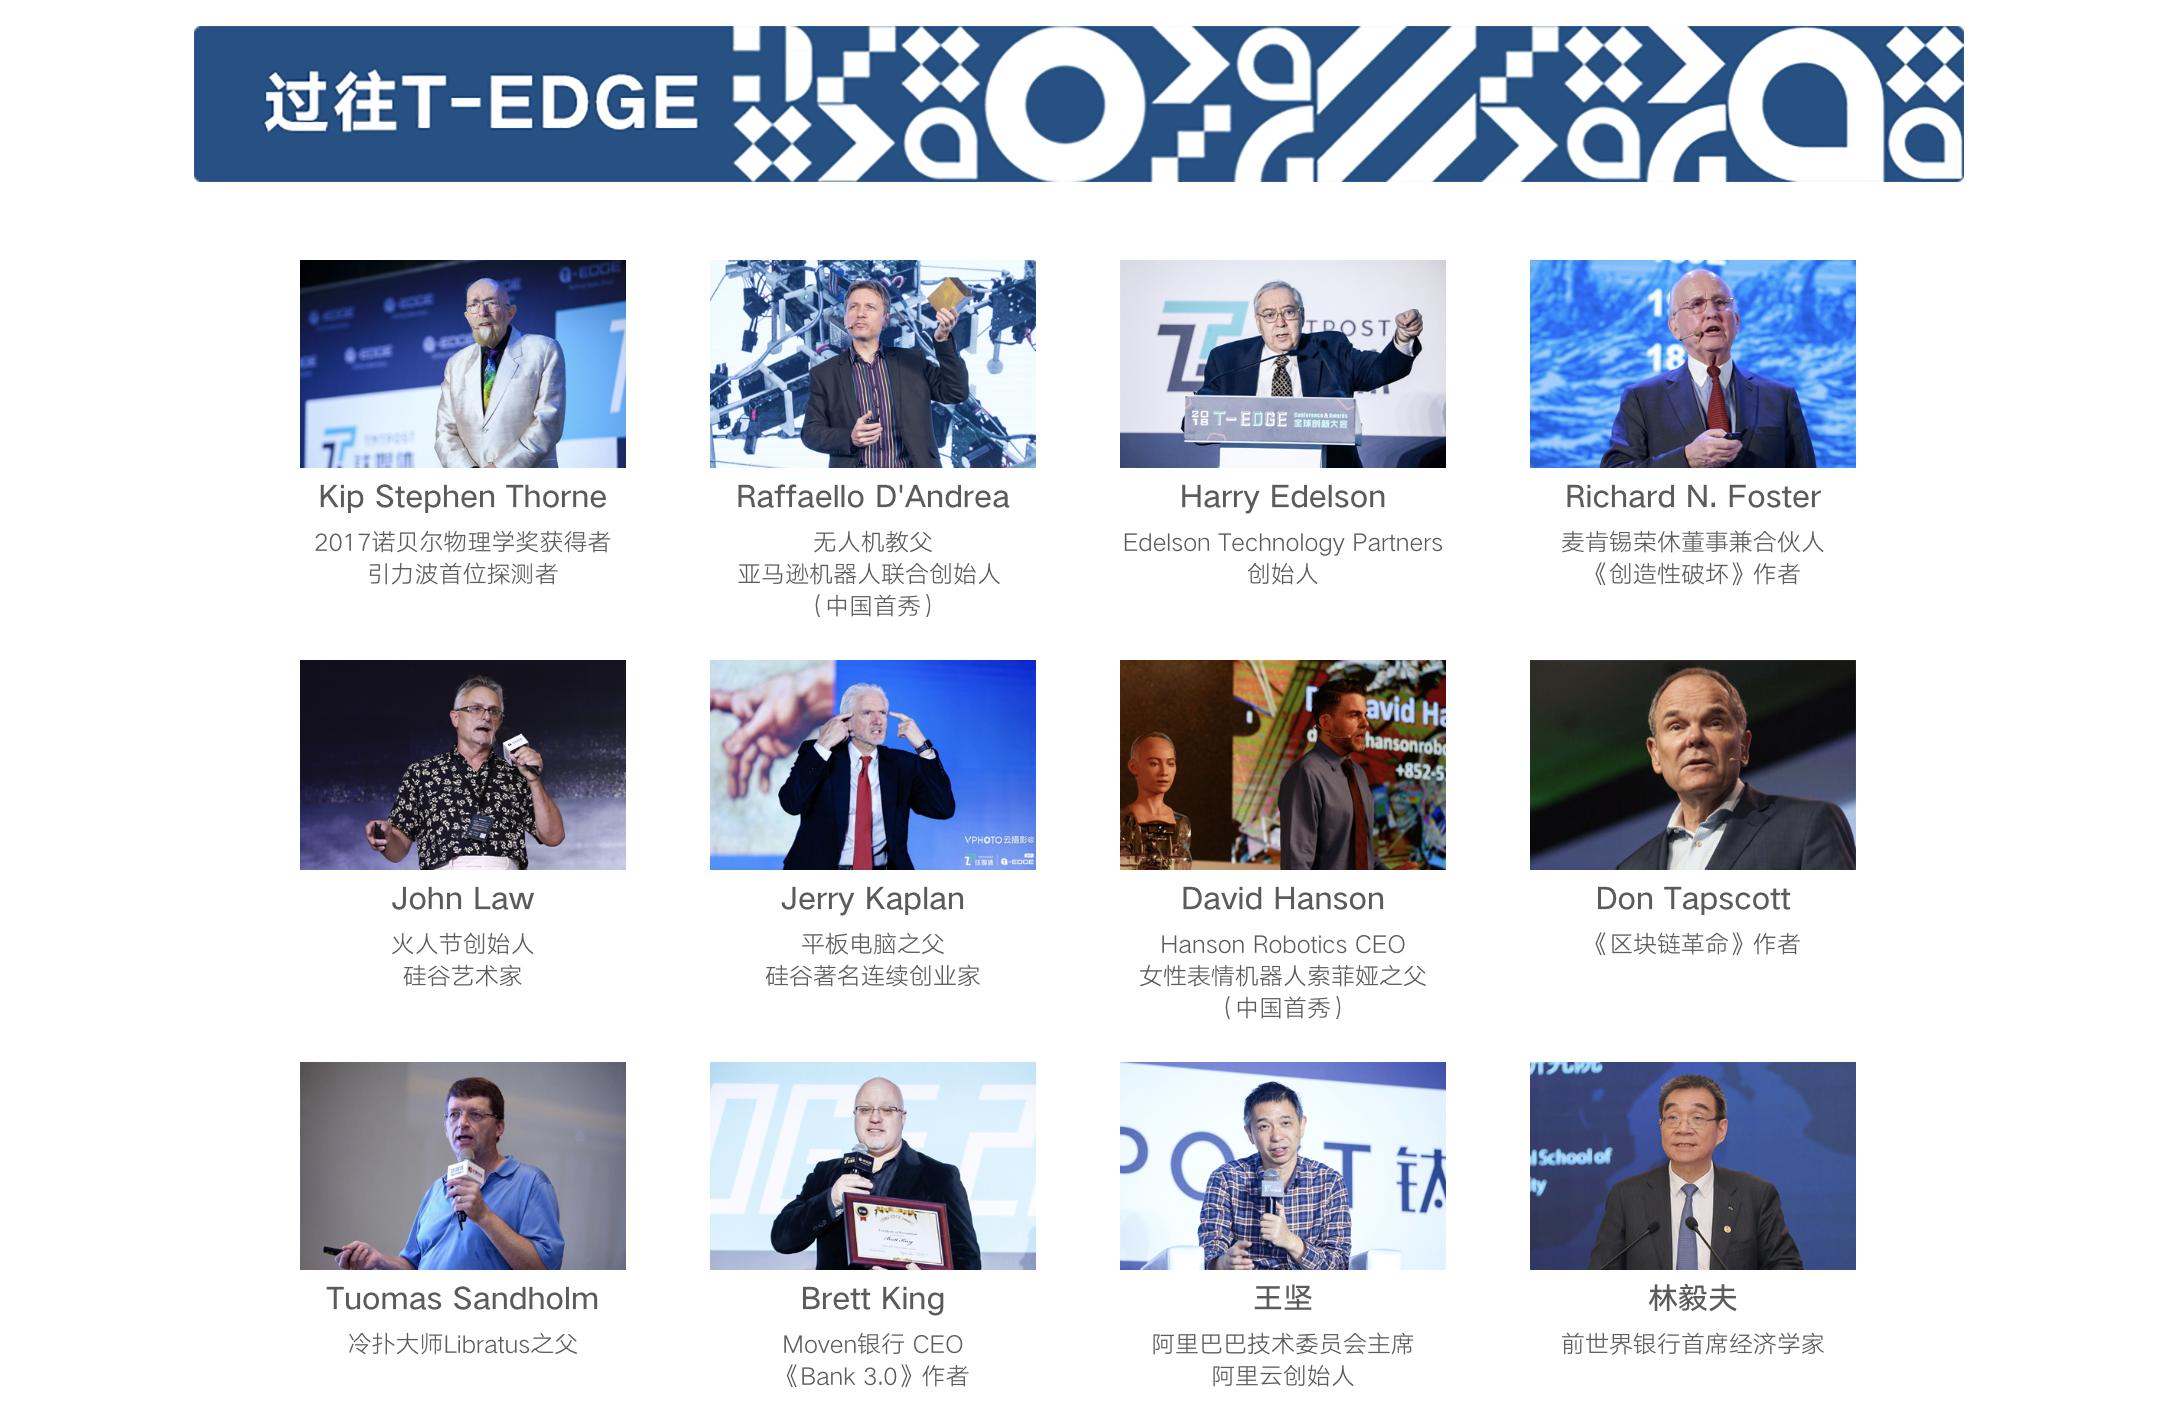 【鈦媒體】2019T-EDGE全球創新大會(北京)